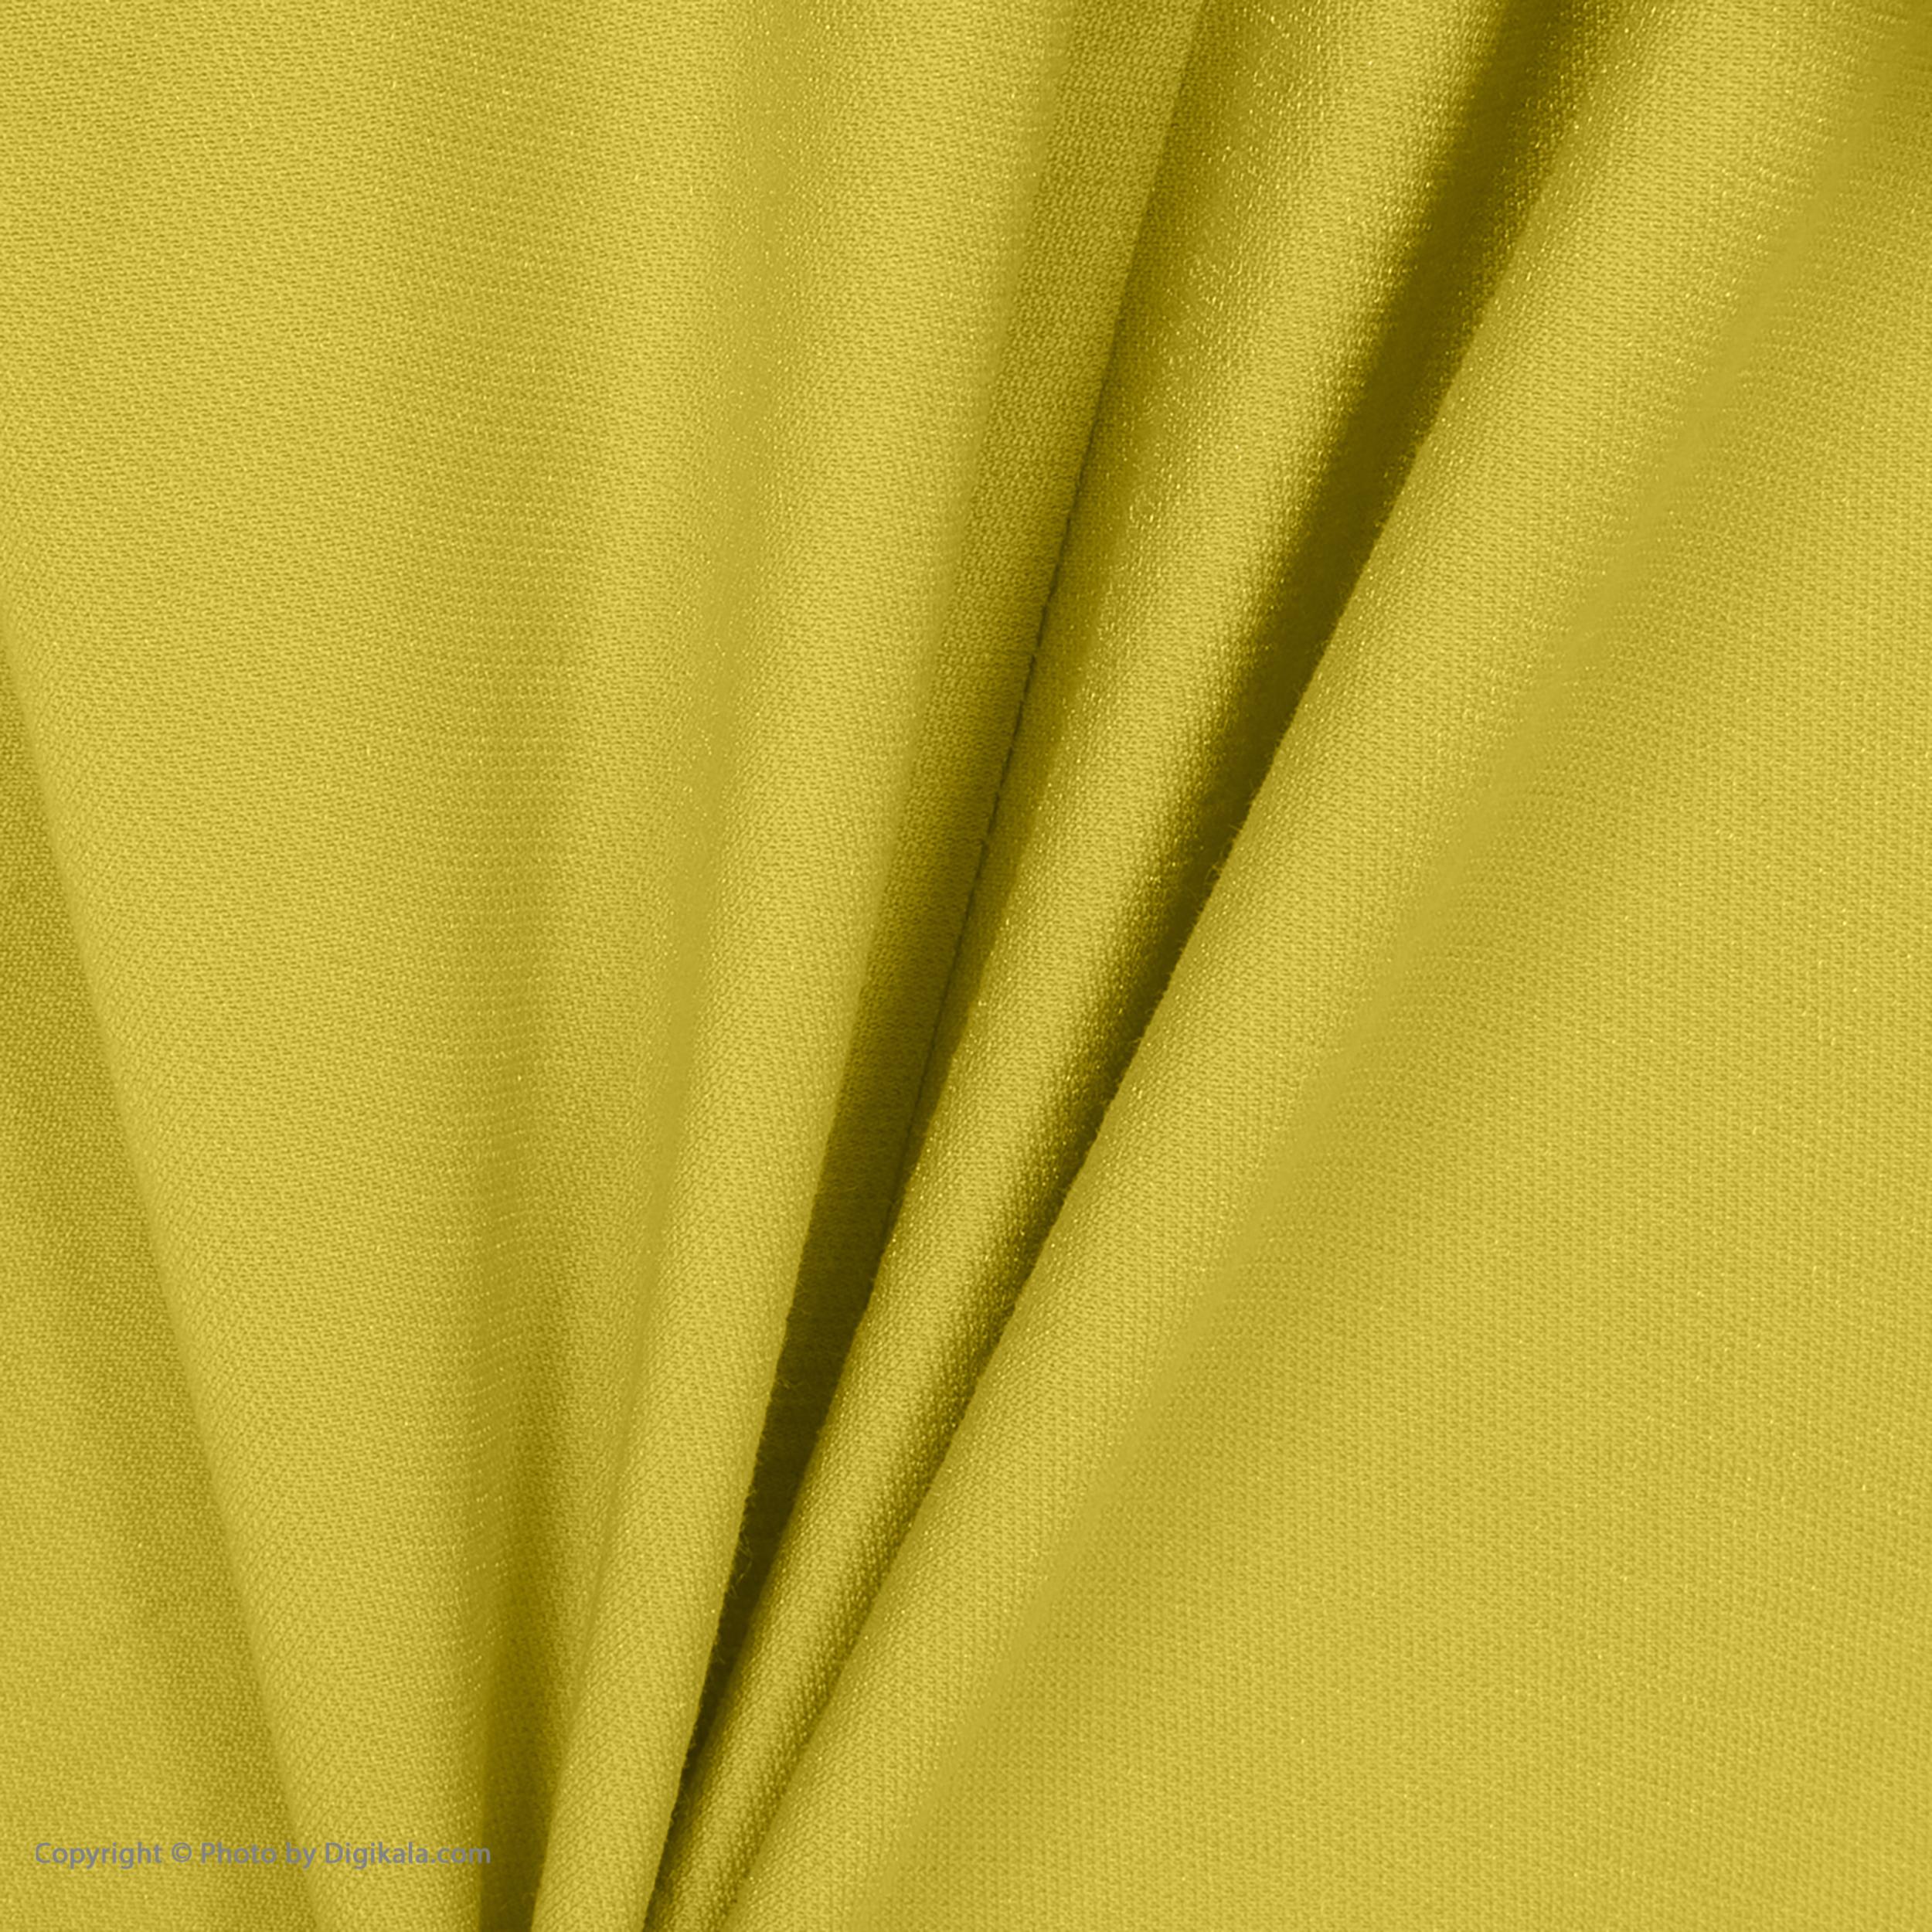 مانتو زنانه کیکی رایکی مدل BB1150-003 -  - 6